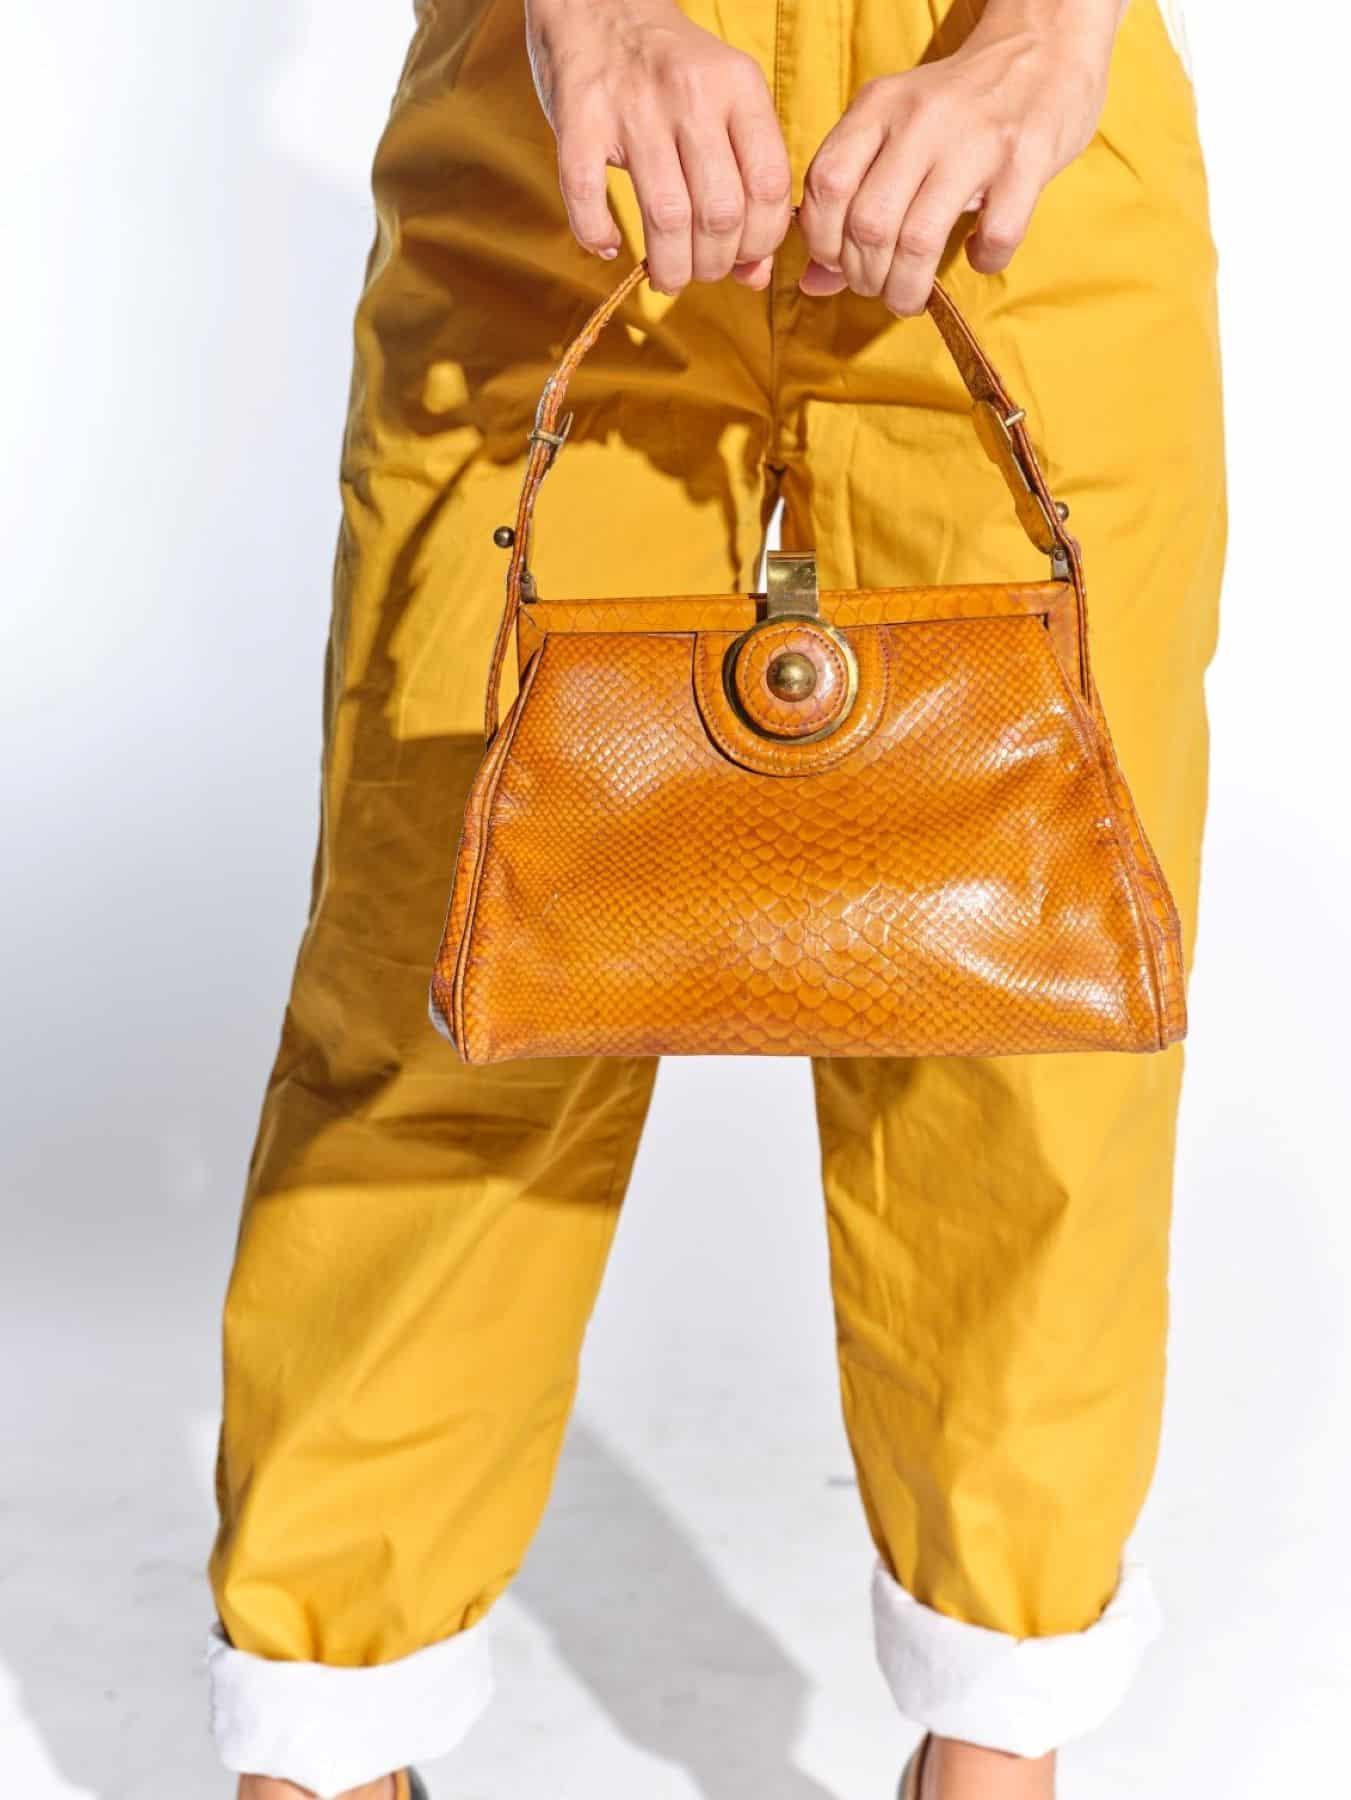 50ler taba rengi krokodil baskılı vintage çanta